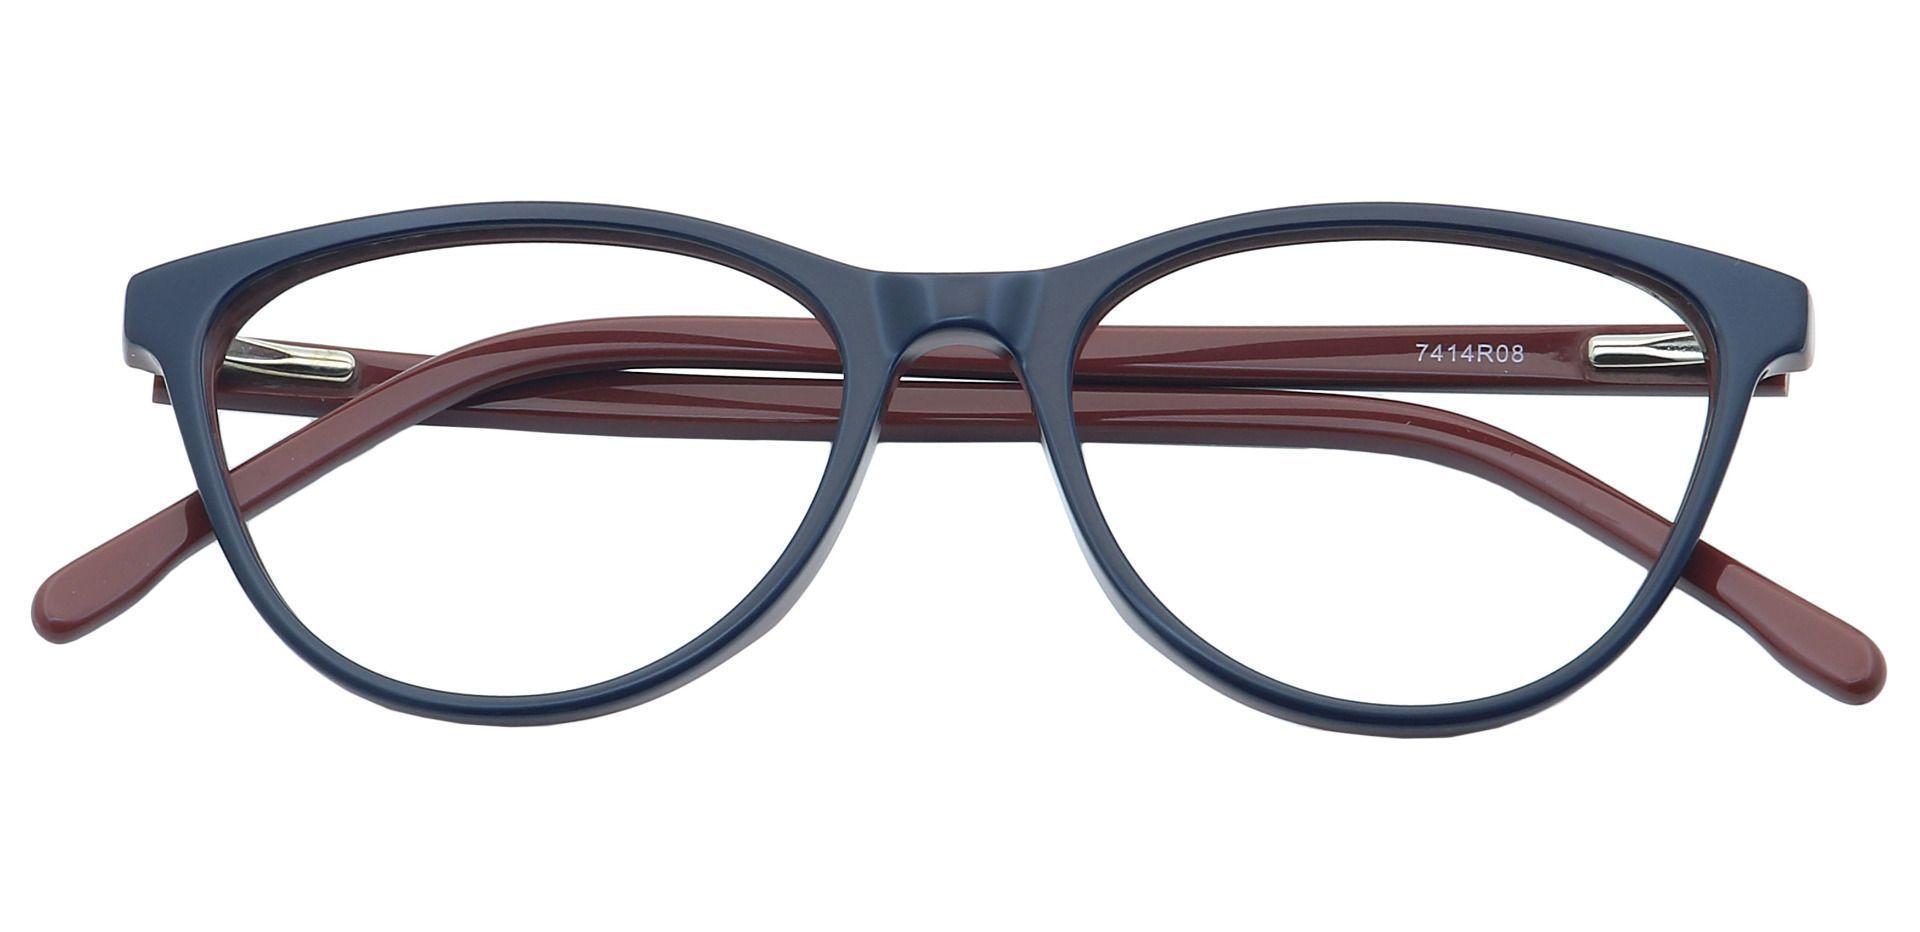 Rebekah Cat-Eye Prescription Glasses - Red